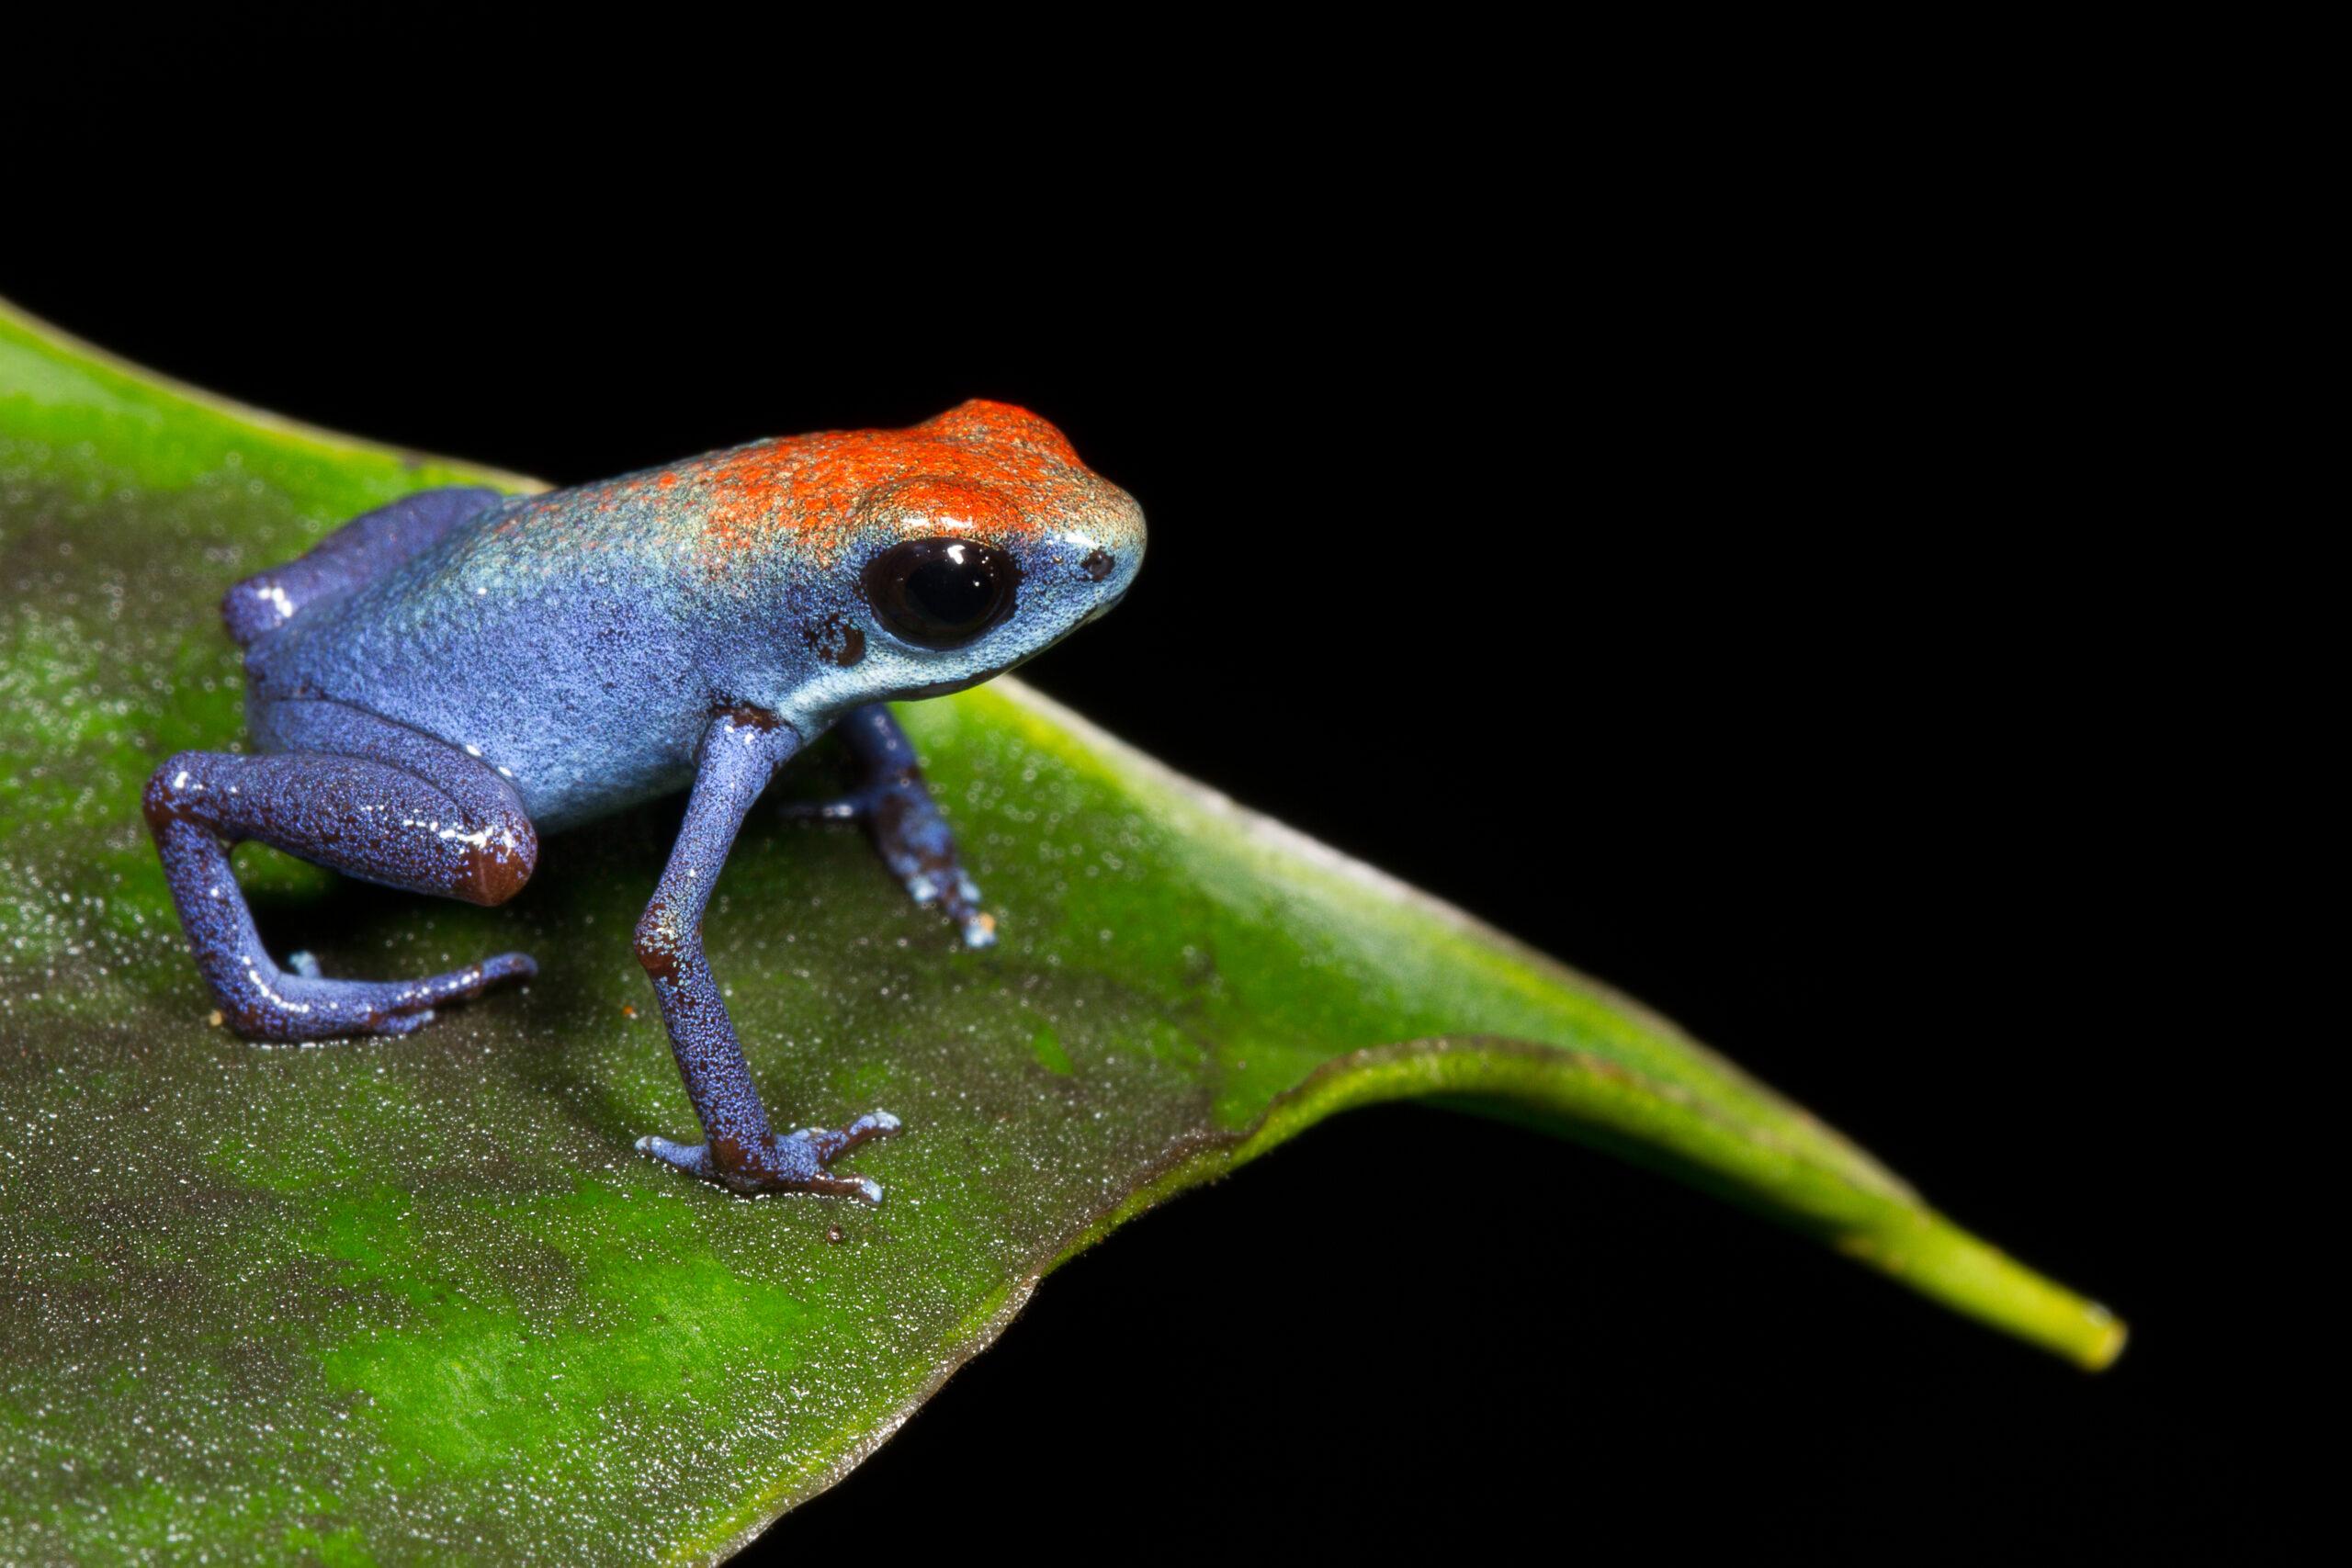 Oophaga pumilio from Escudo de Veraguas, Bocas del Toro, Panama - by J. Lawrence.